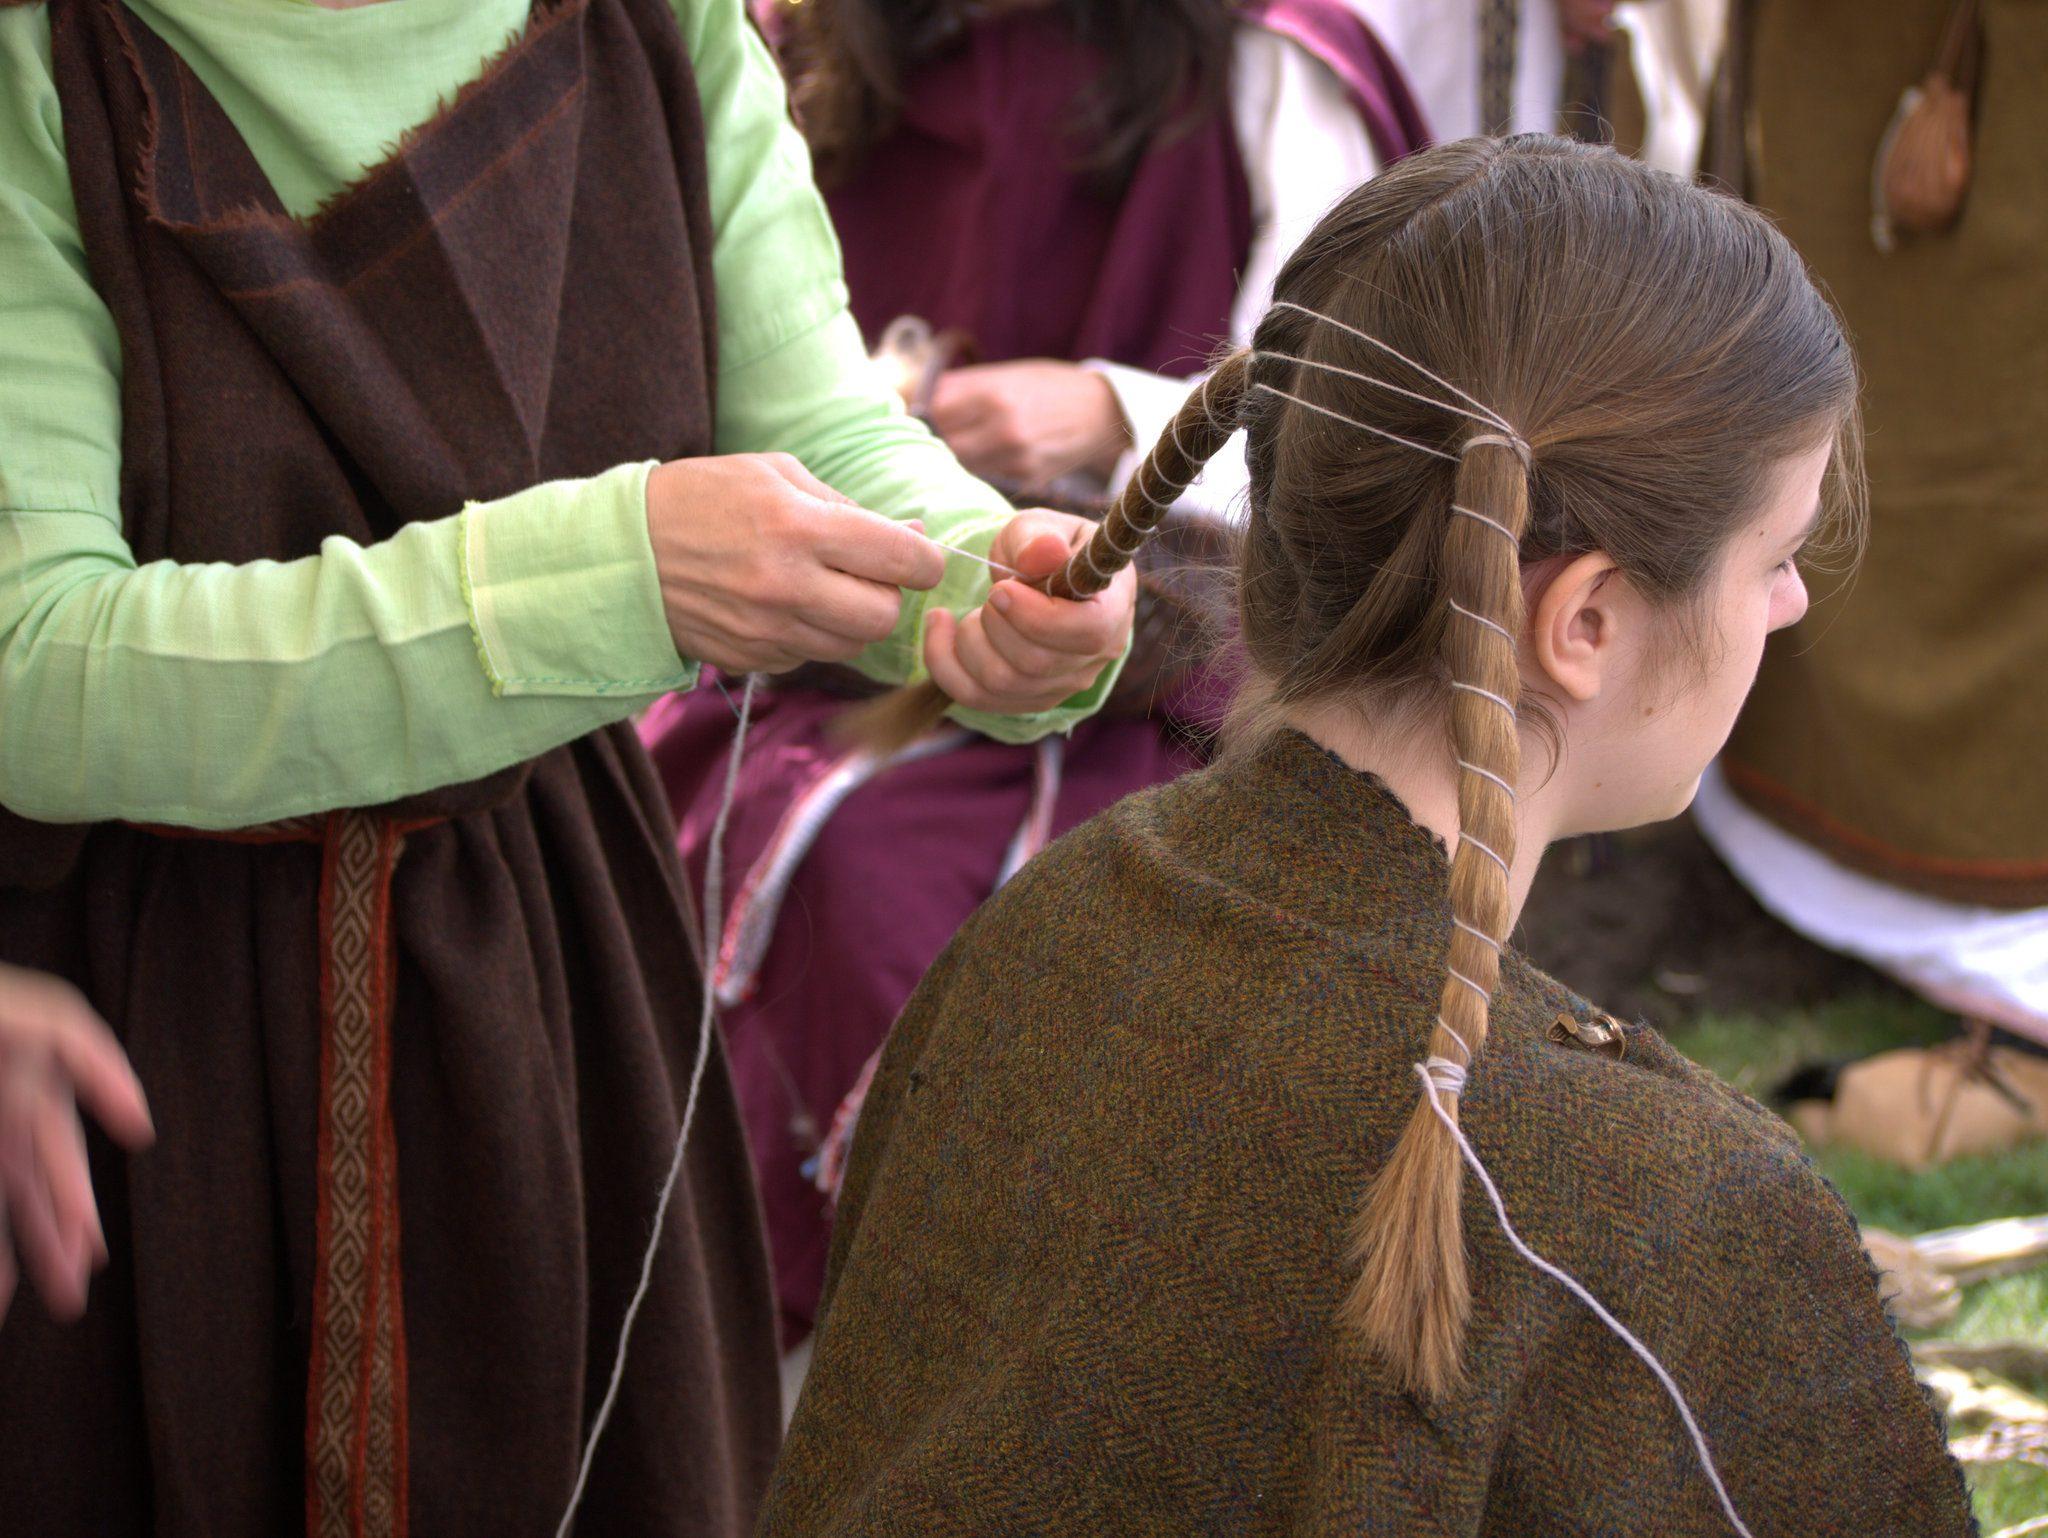 Hier wird eine germanische Frisur geflochten.